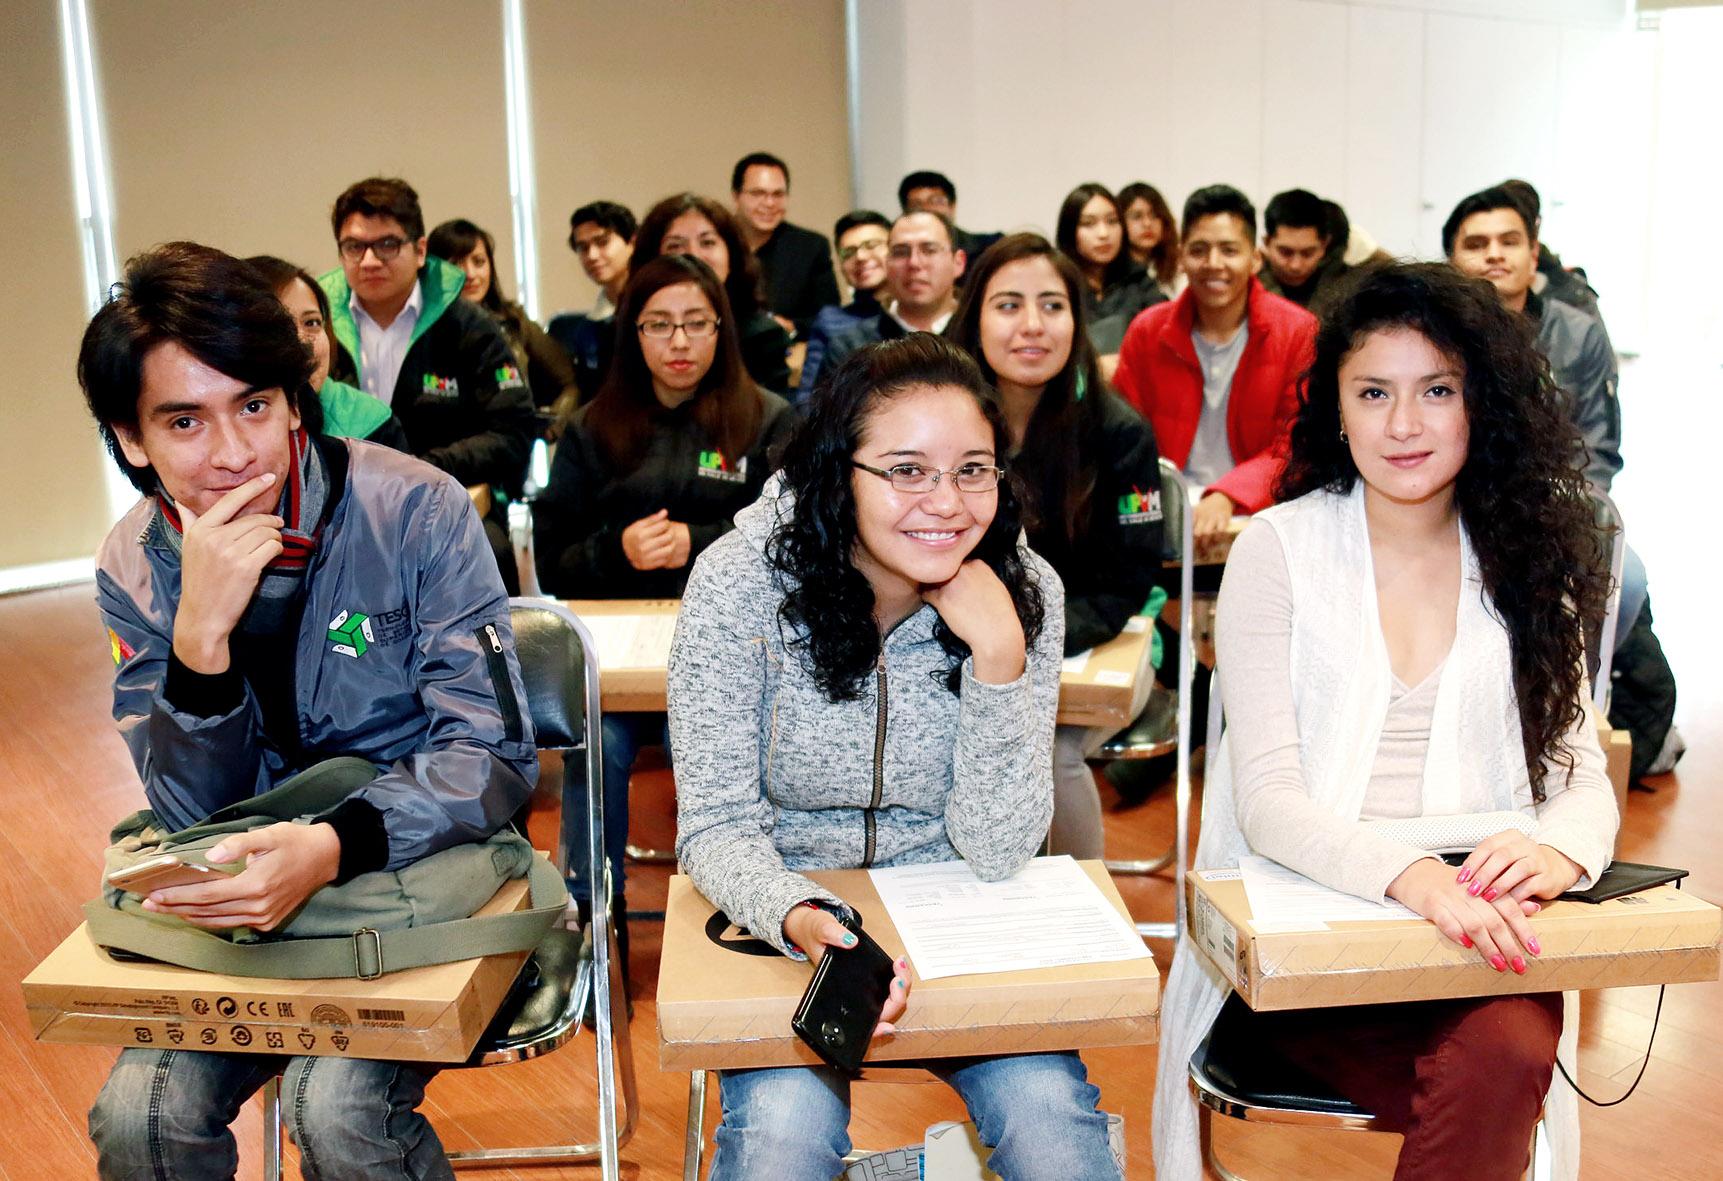 Becas Benito Juárez Edomex registro en bienestarazteca.com.mx paso a paso